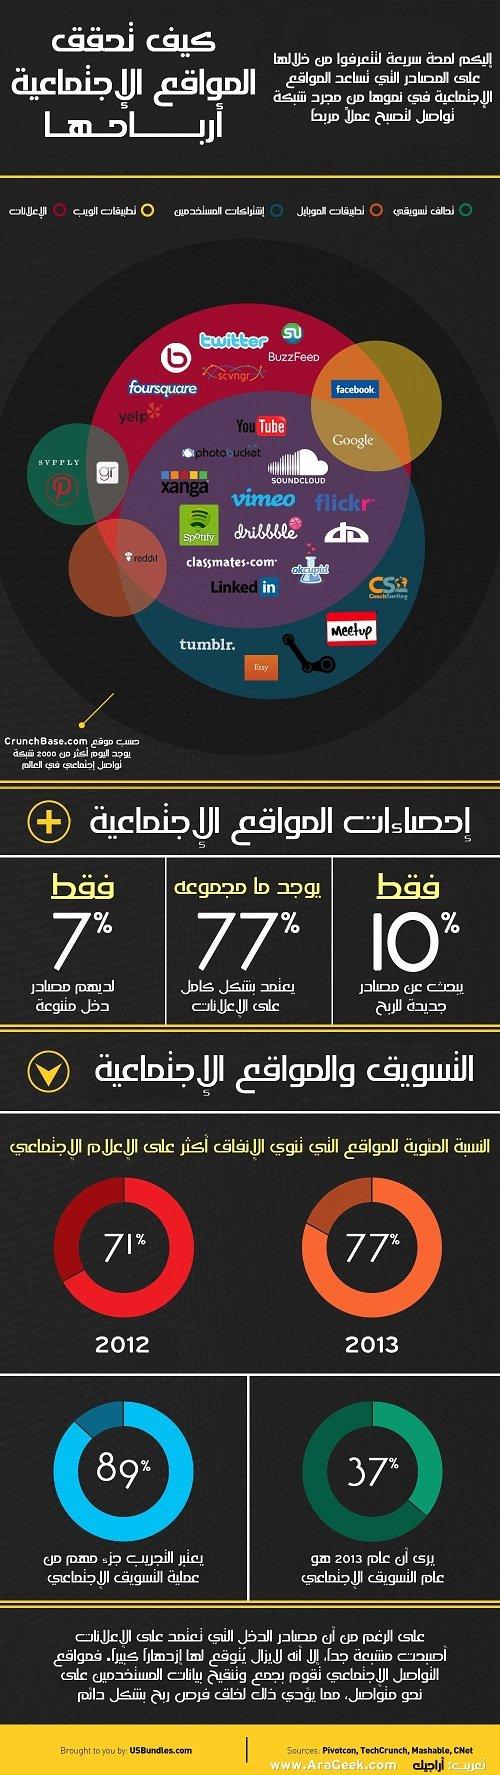 كيف تحقق المواقع الاجتماعية أرباحها #انفوغراف #معلومات